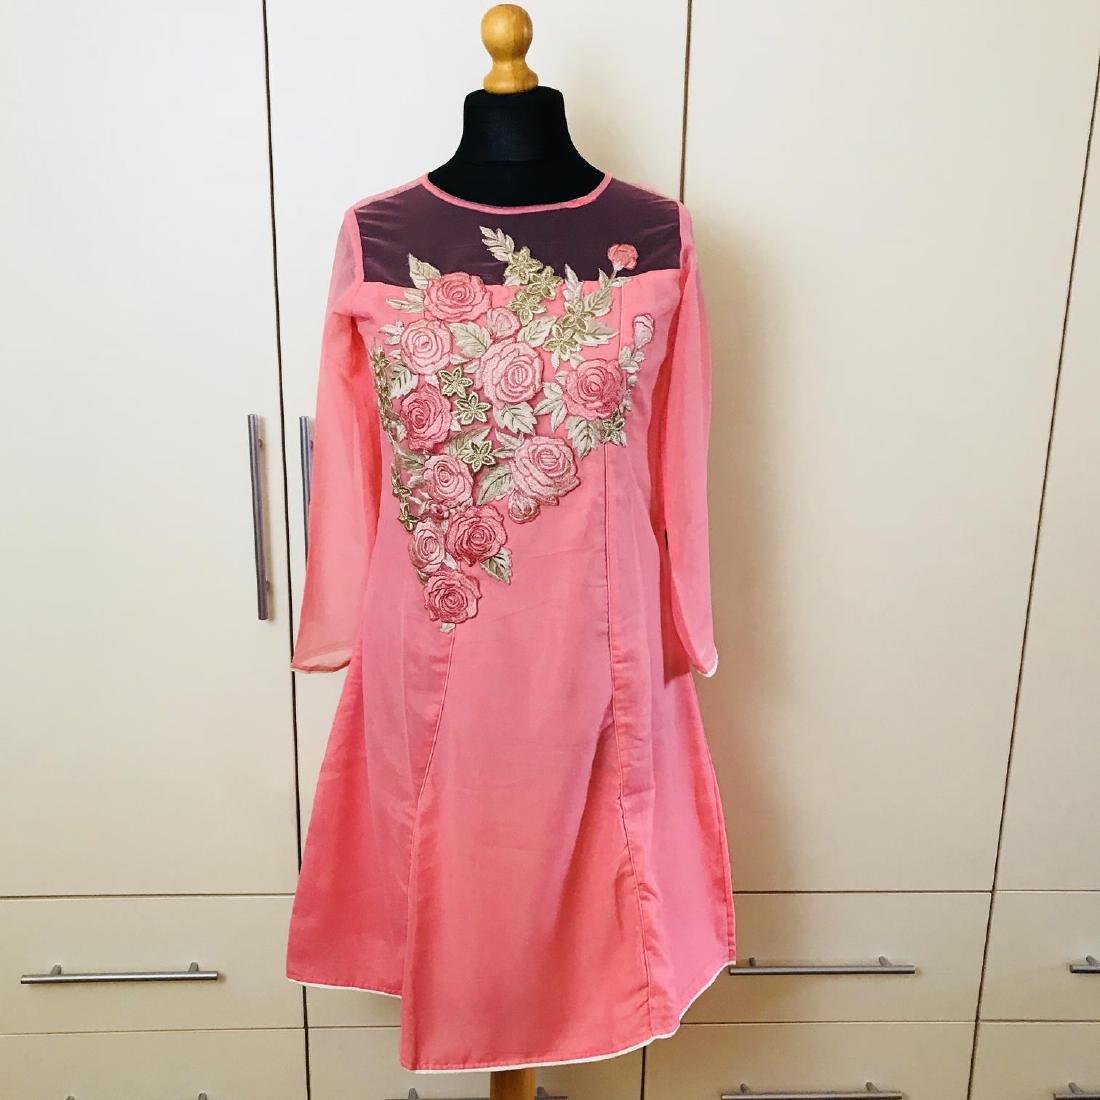 Vintage Women's Pink Party Dress Size US 6 EUR 36 /